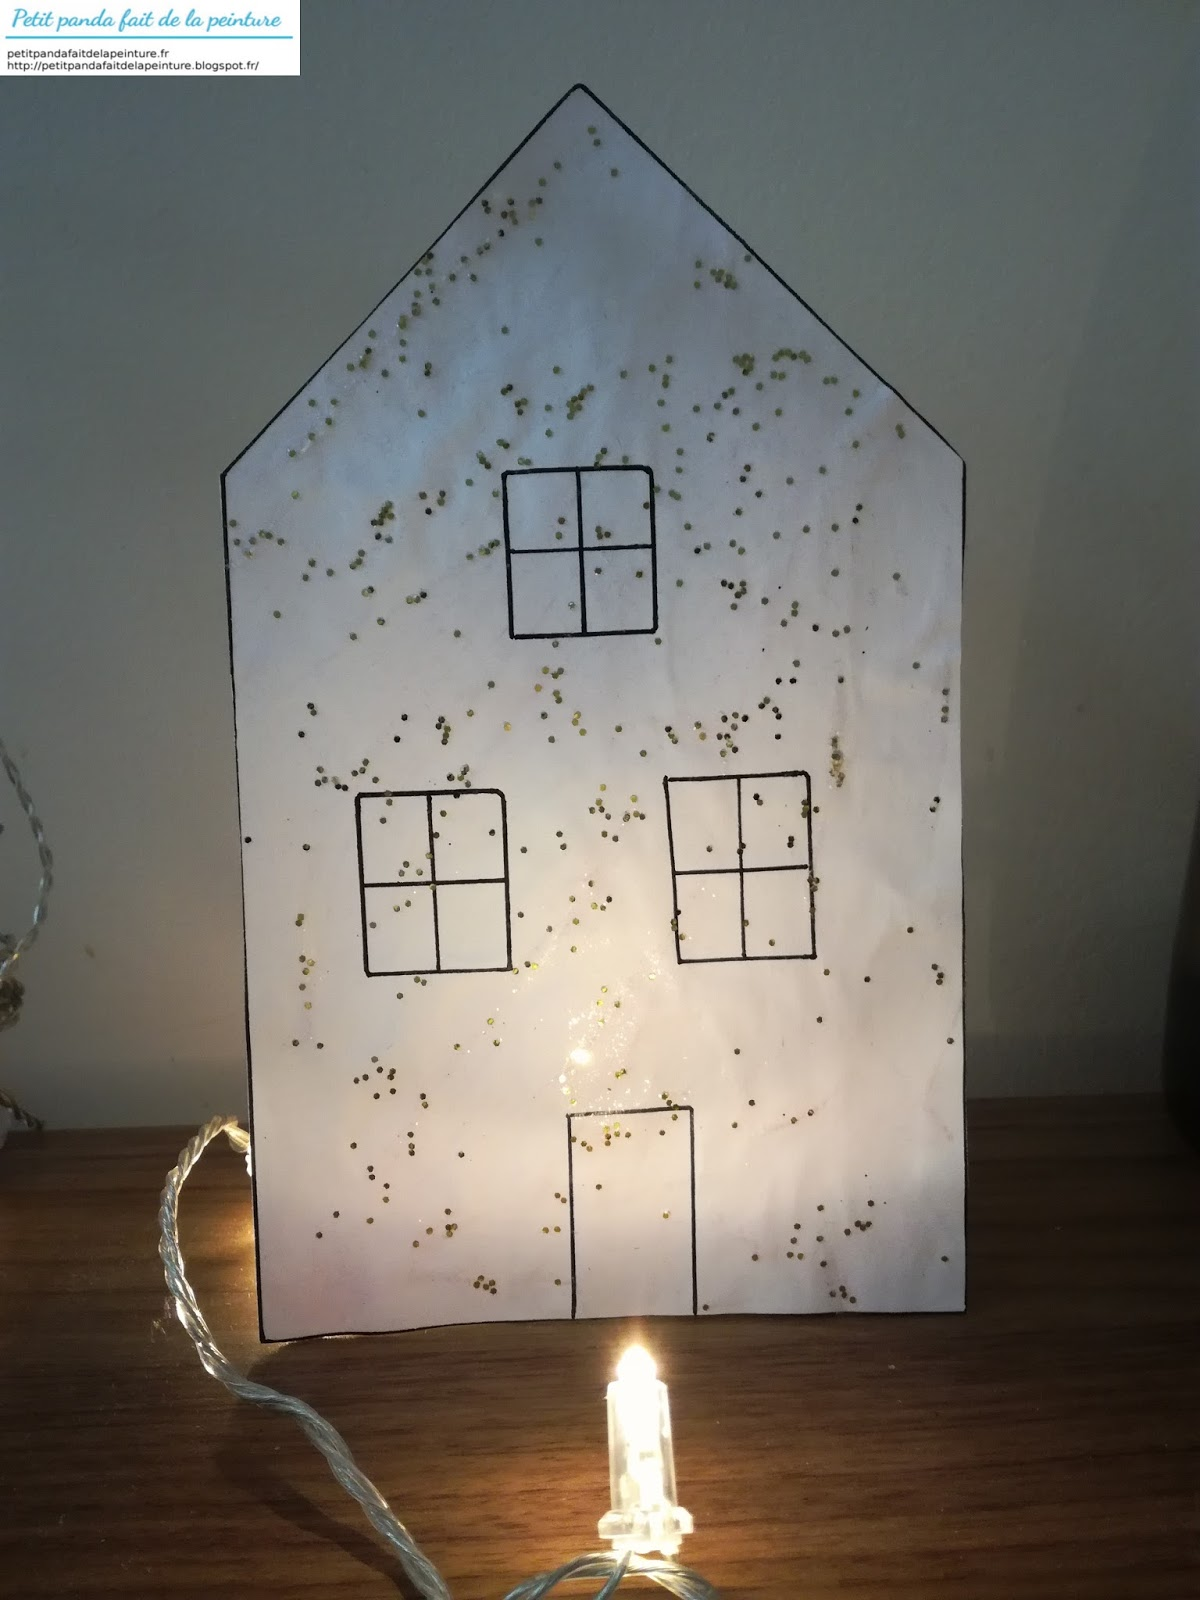 petit panda fait de la peinture une maison de noel a la peinture pailletee a poser. Black Bedroom Furniture Sets. Home Design Ideas